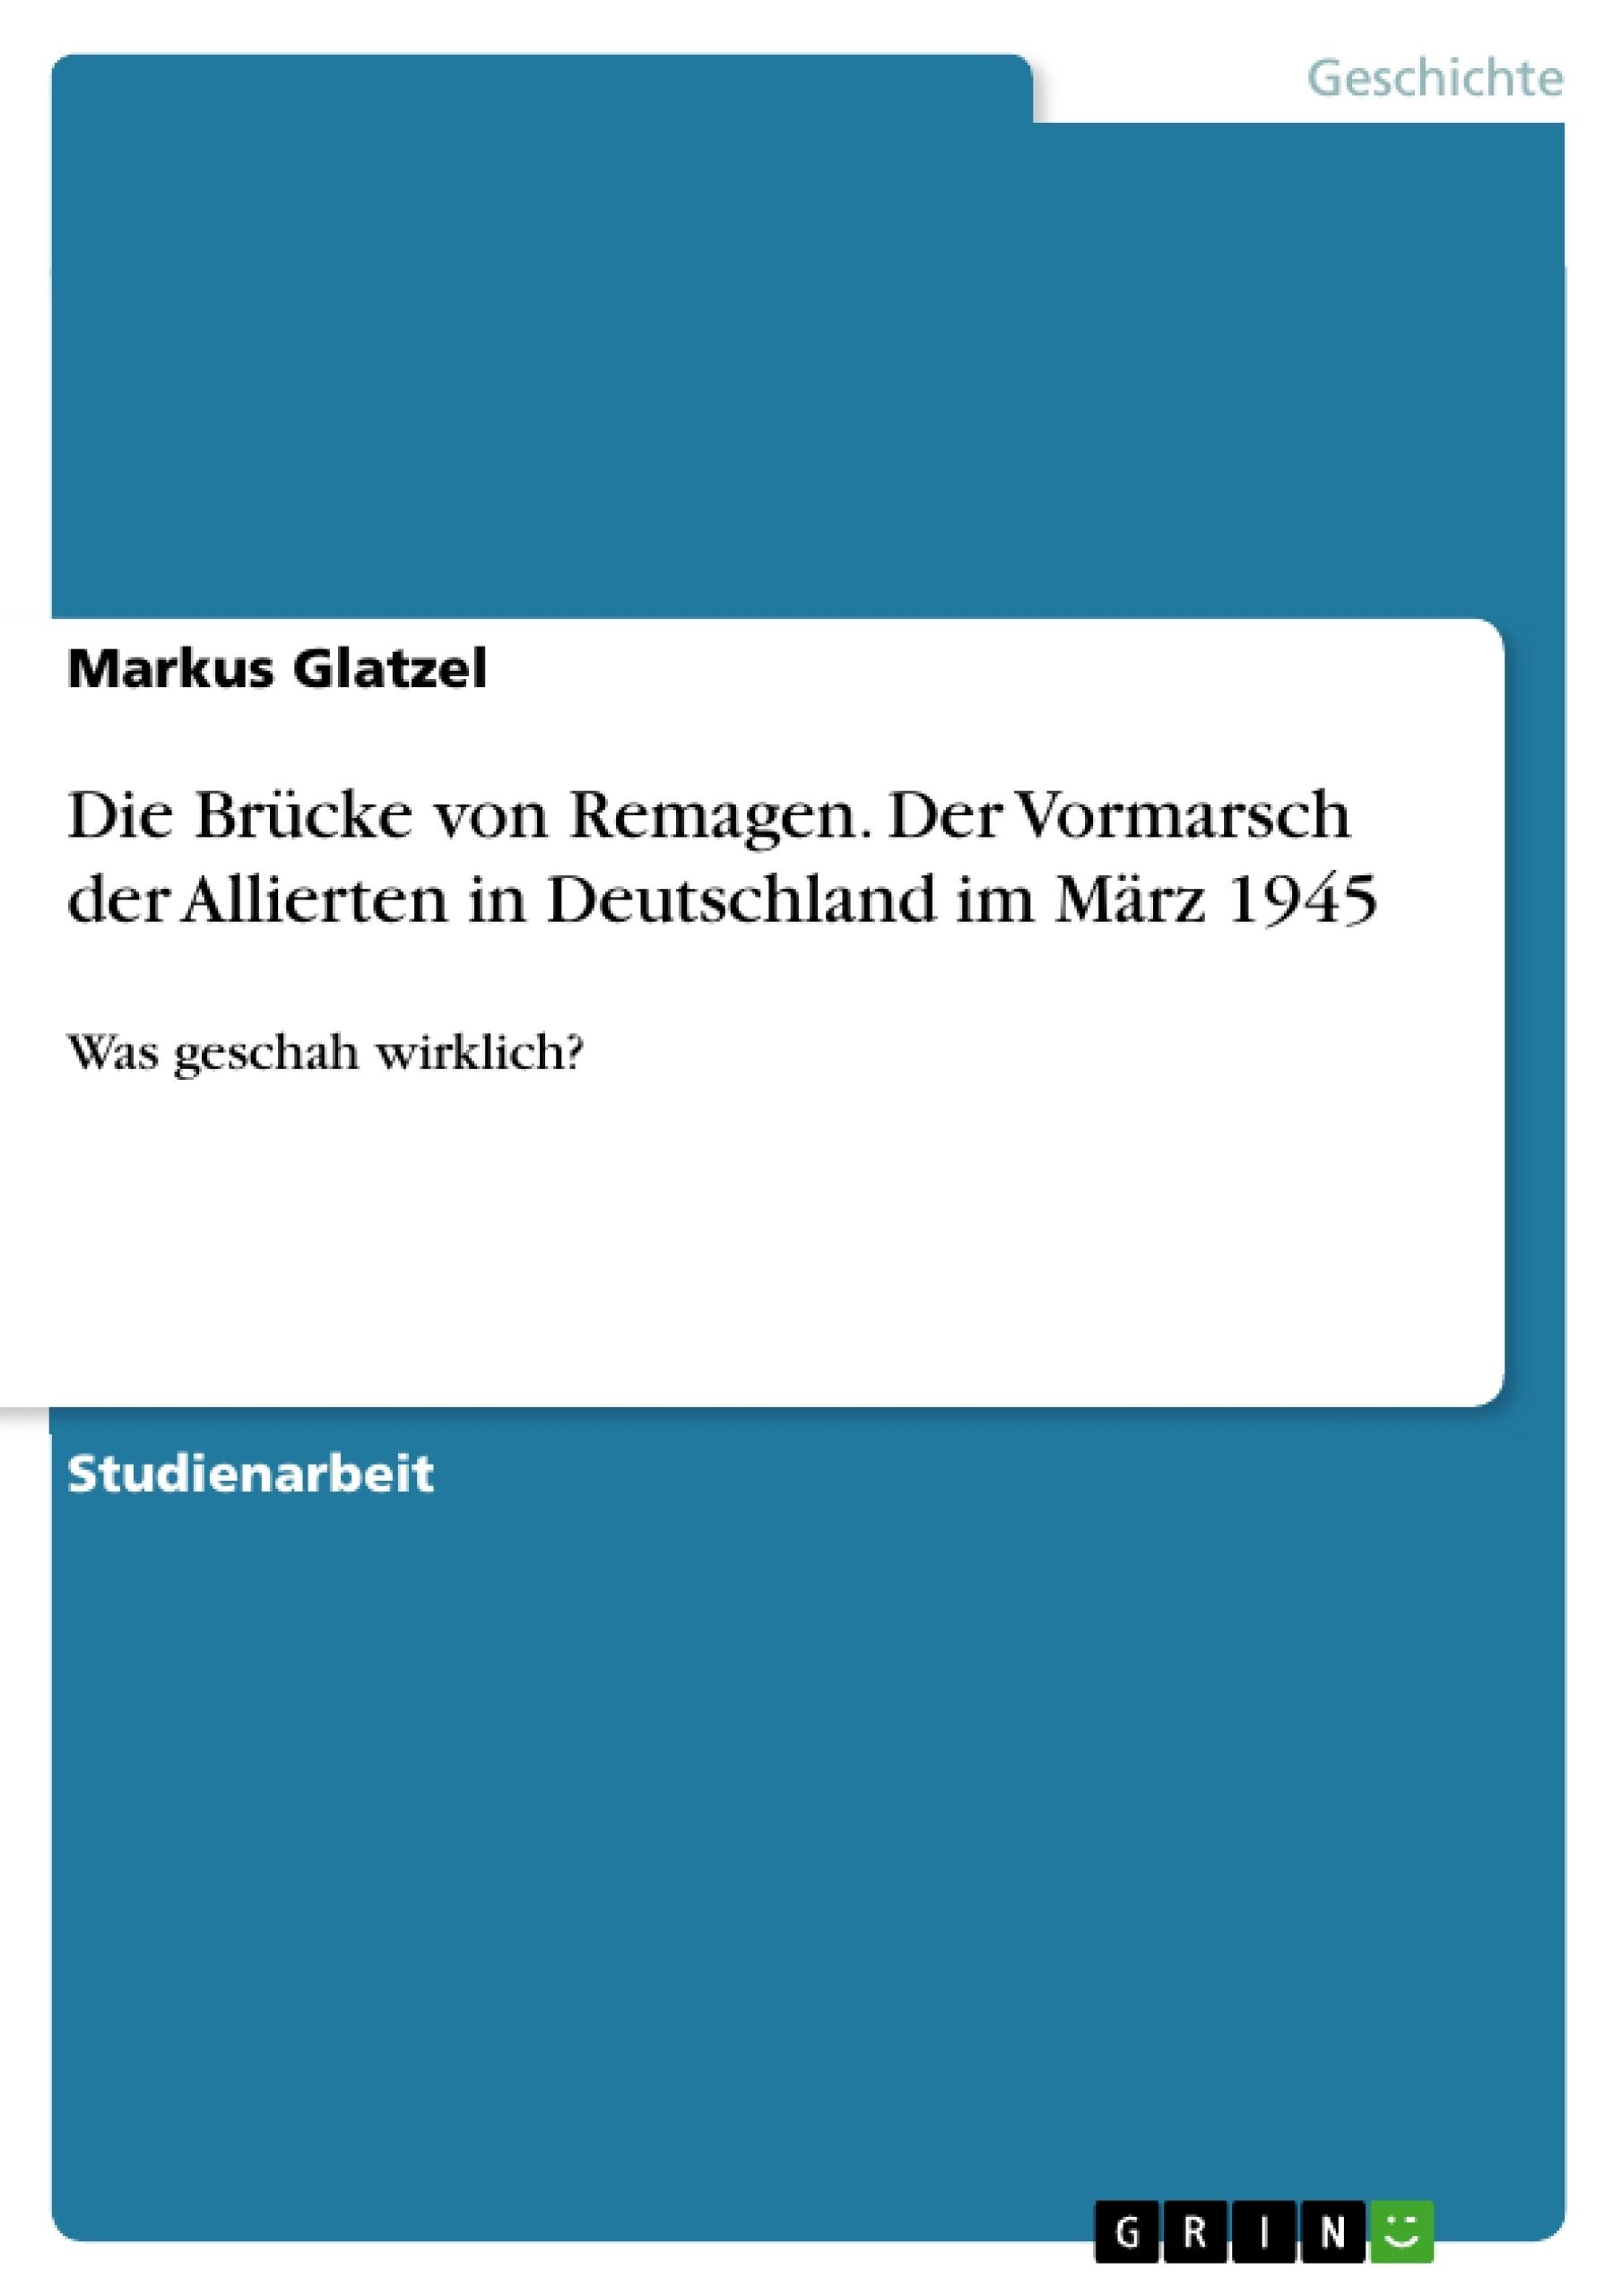 Titel: Die Brücke von Remagen. Der Vormarsch der Allierten in Deutschland im März 1945